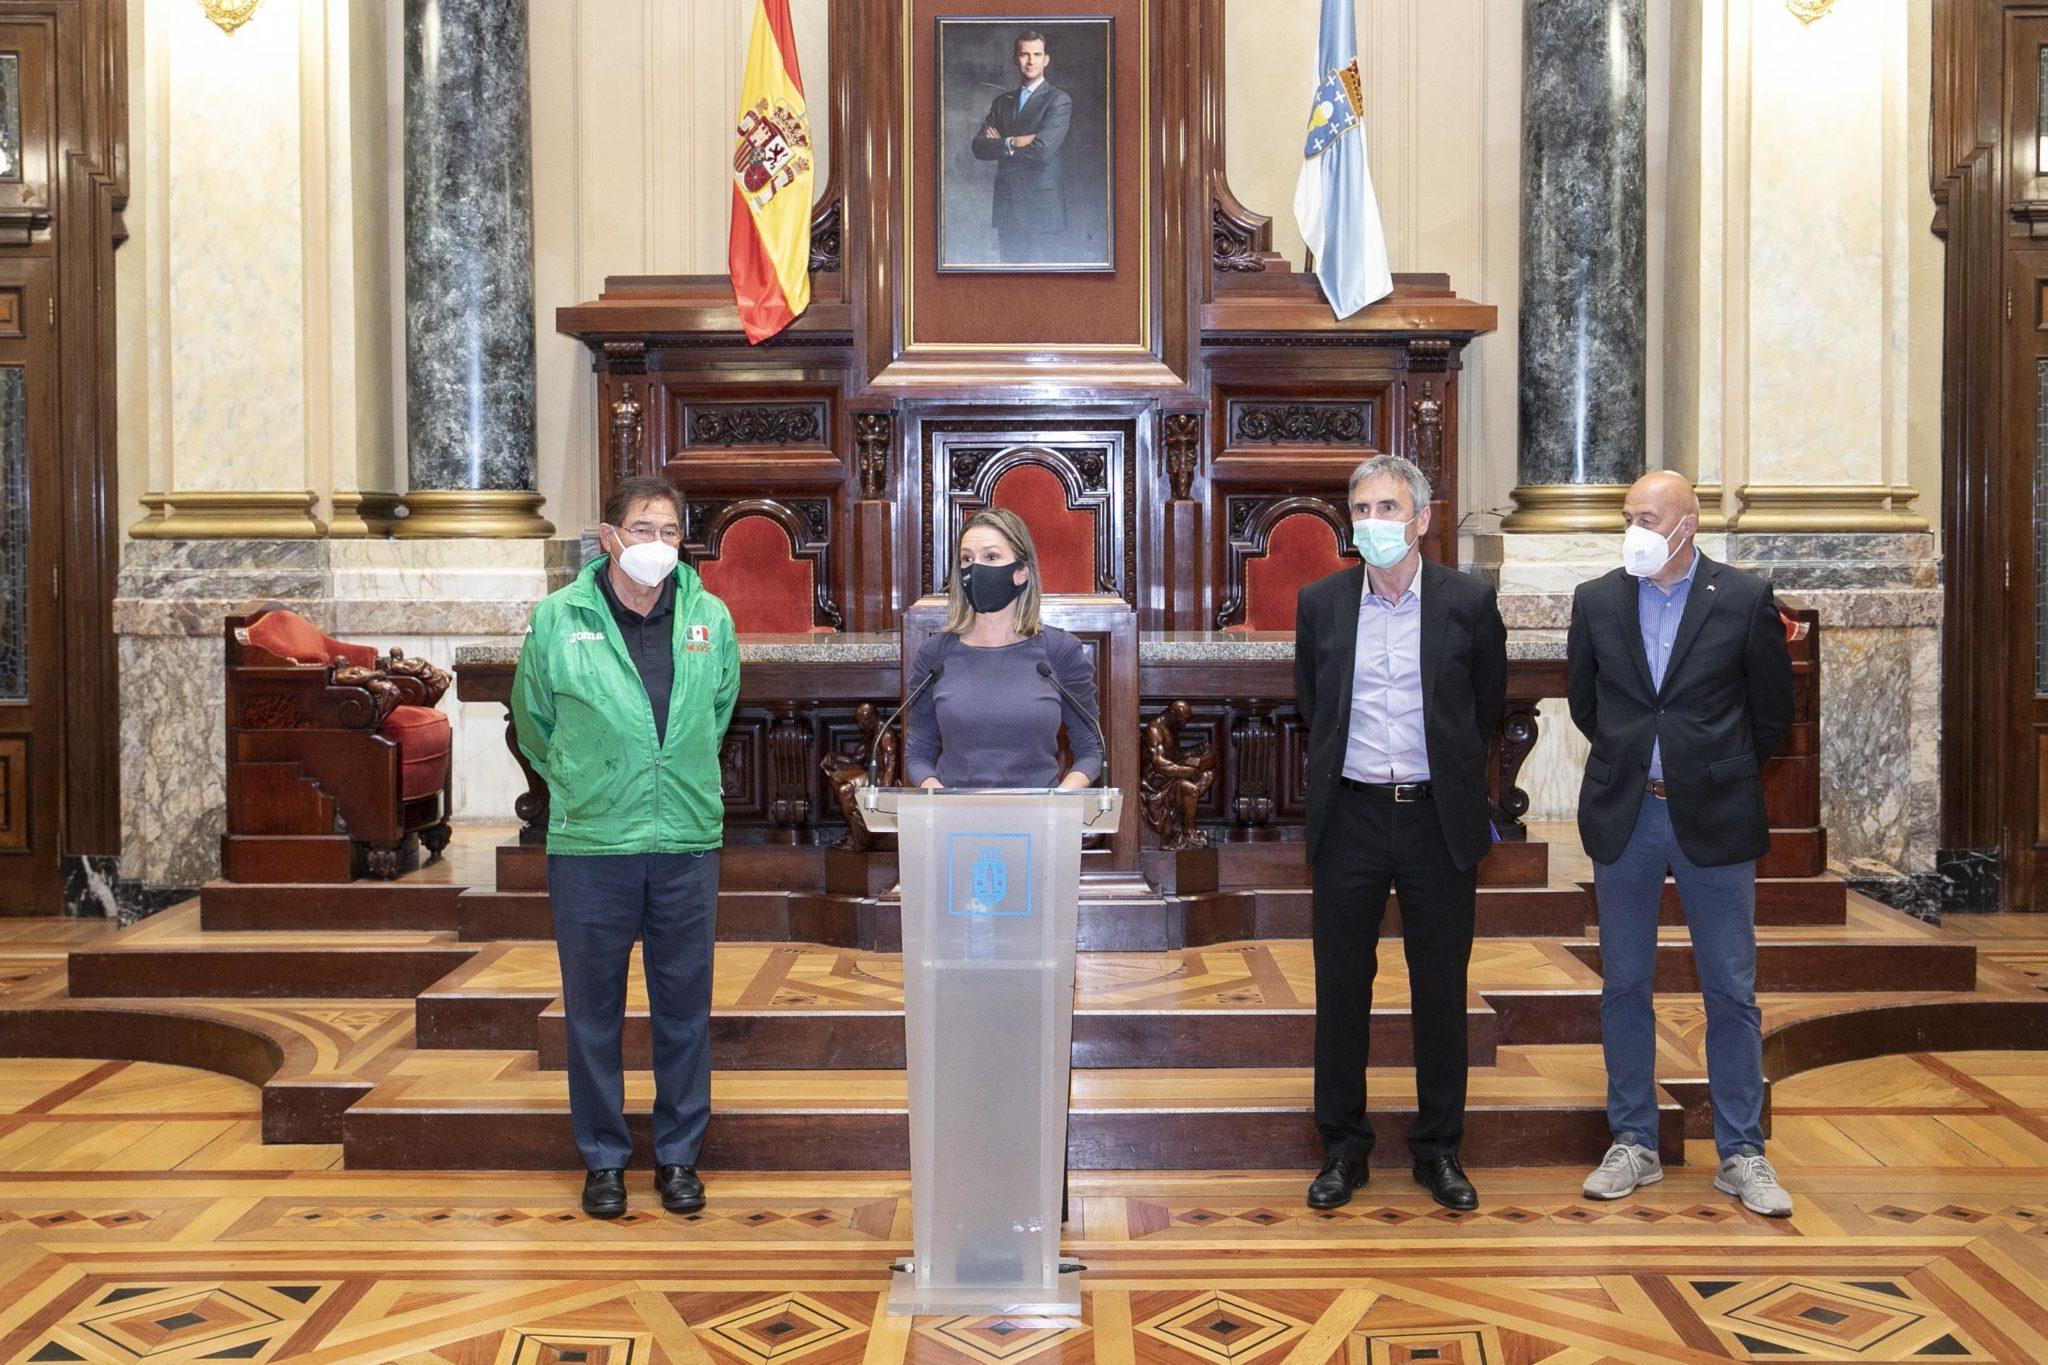 A Coruña da a benvida ás marchadoras do GP Cantóns / CONCELLO DA CORUÑA